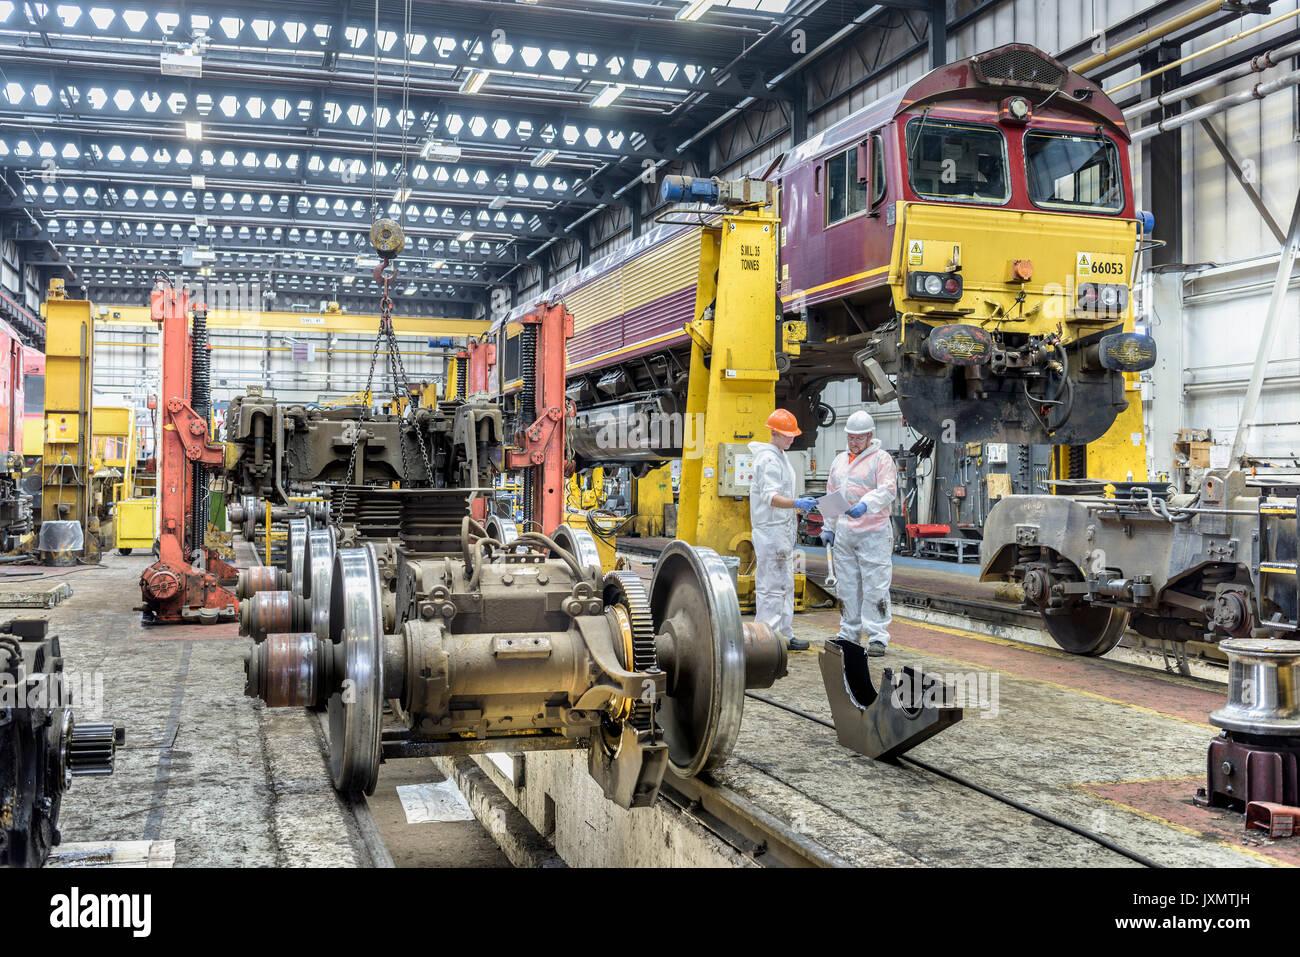 Ingenieros trabajando en Locomotora Locomotora en obras del tren Imagen De Stock